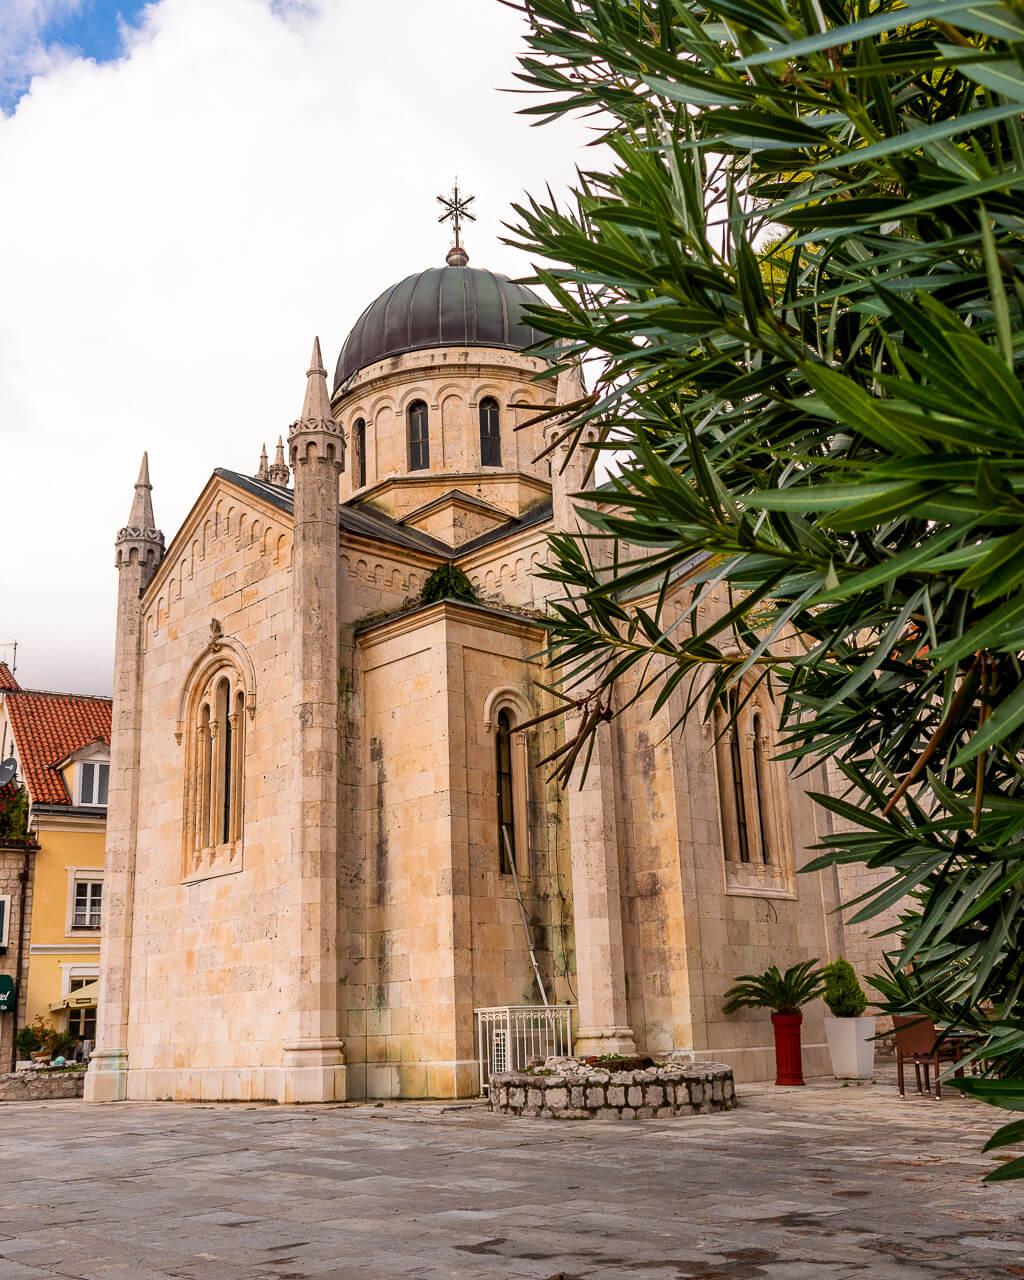 Херцег-Нови, Черногория: церковь Михаила Архангела